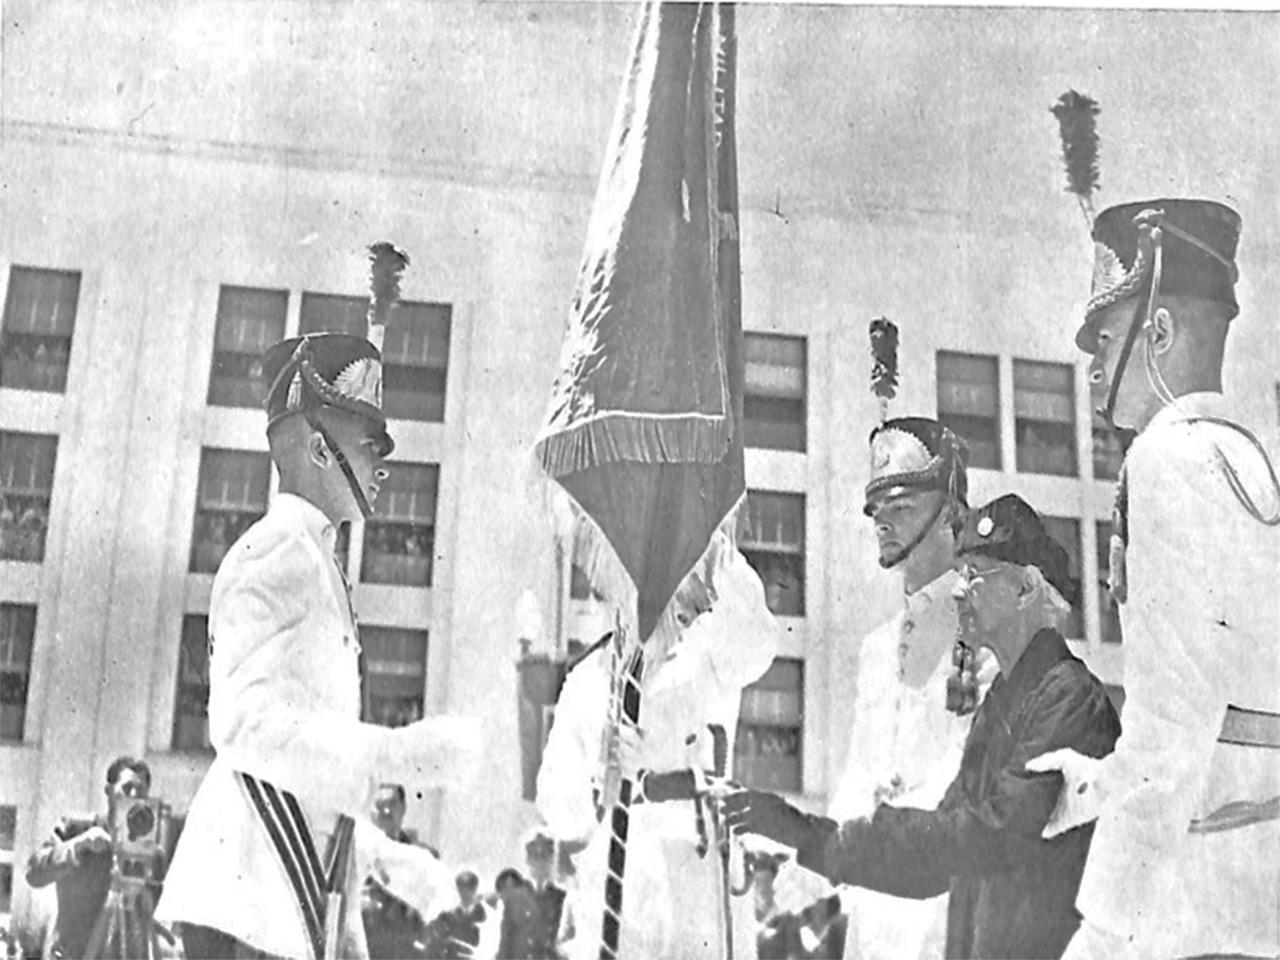 Academia Militar das Agulhas Negras rememora os 75 anos da primeira solenidade do Aspirantado